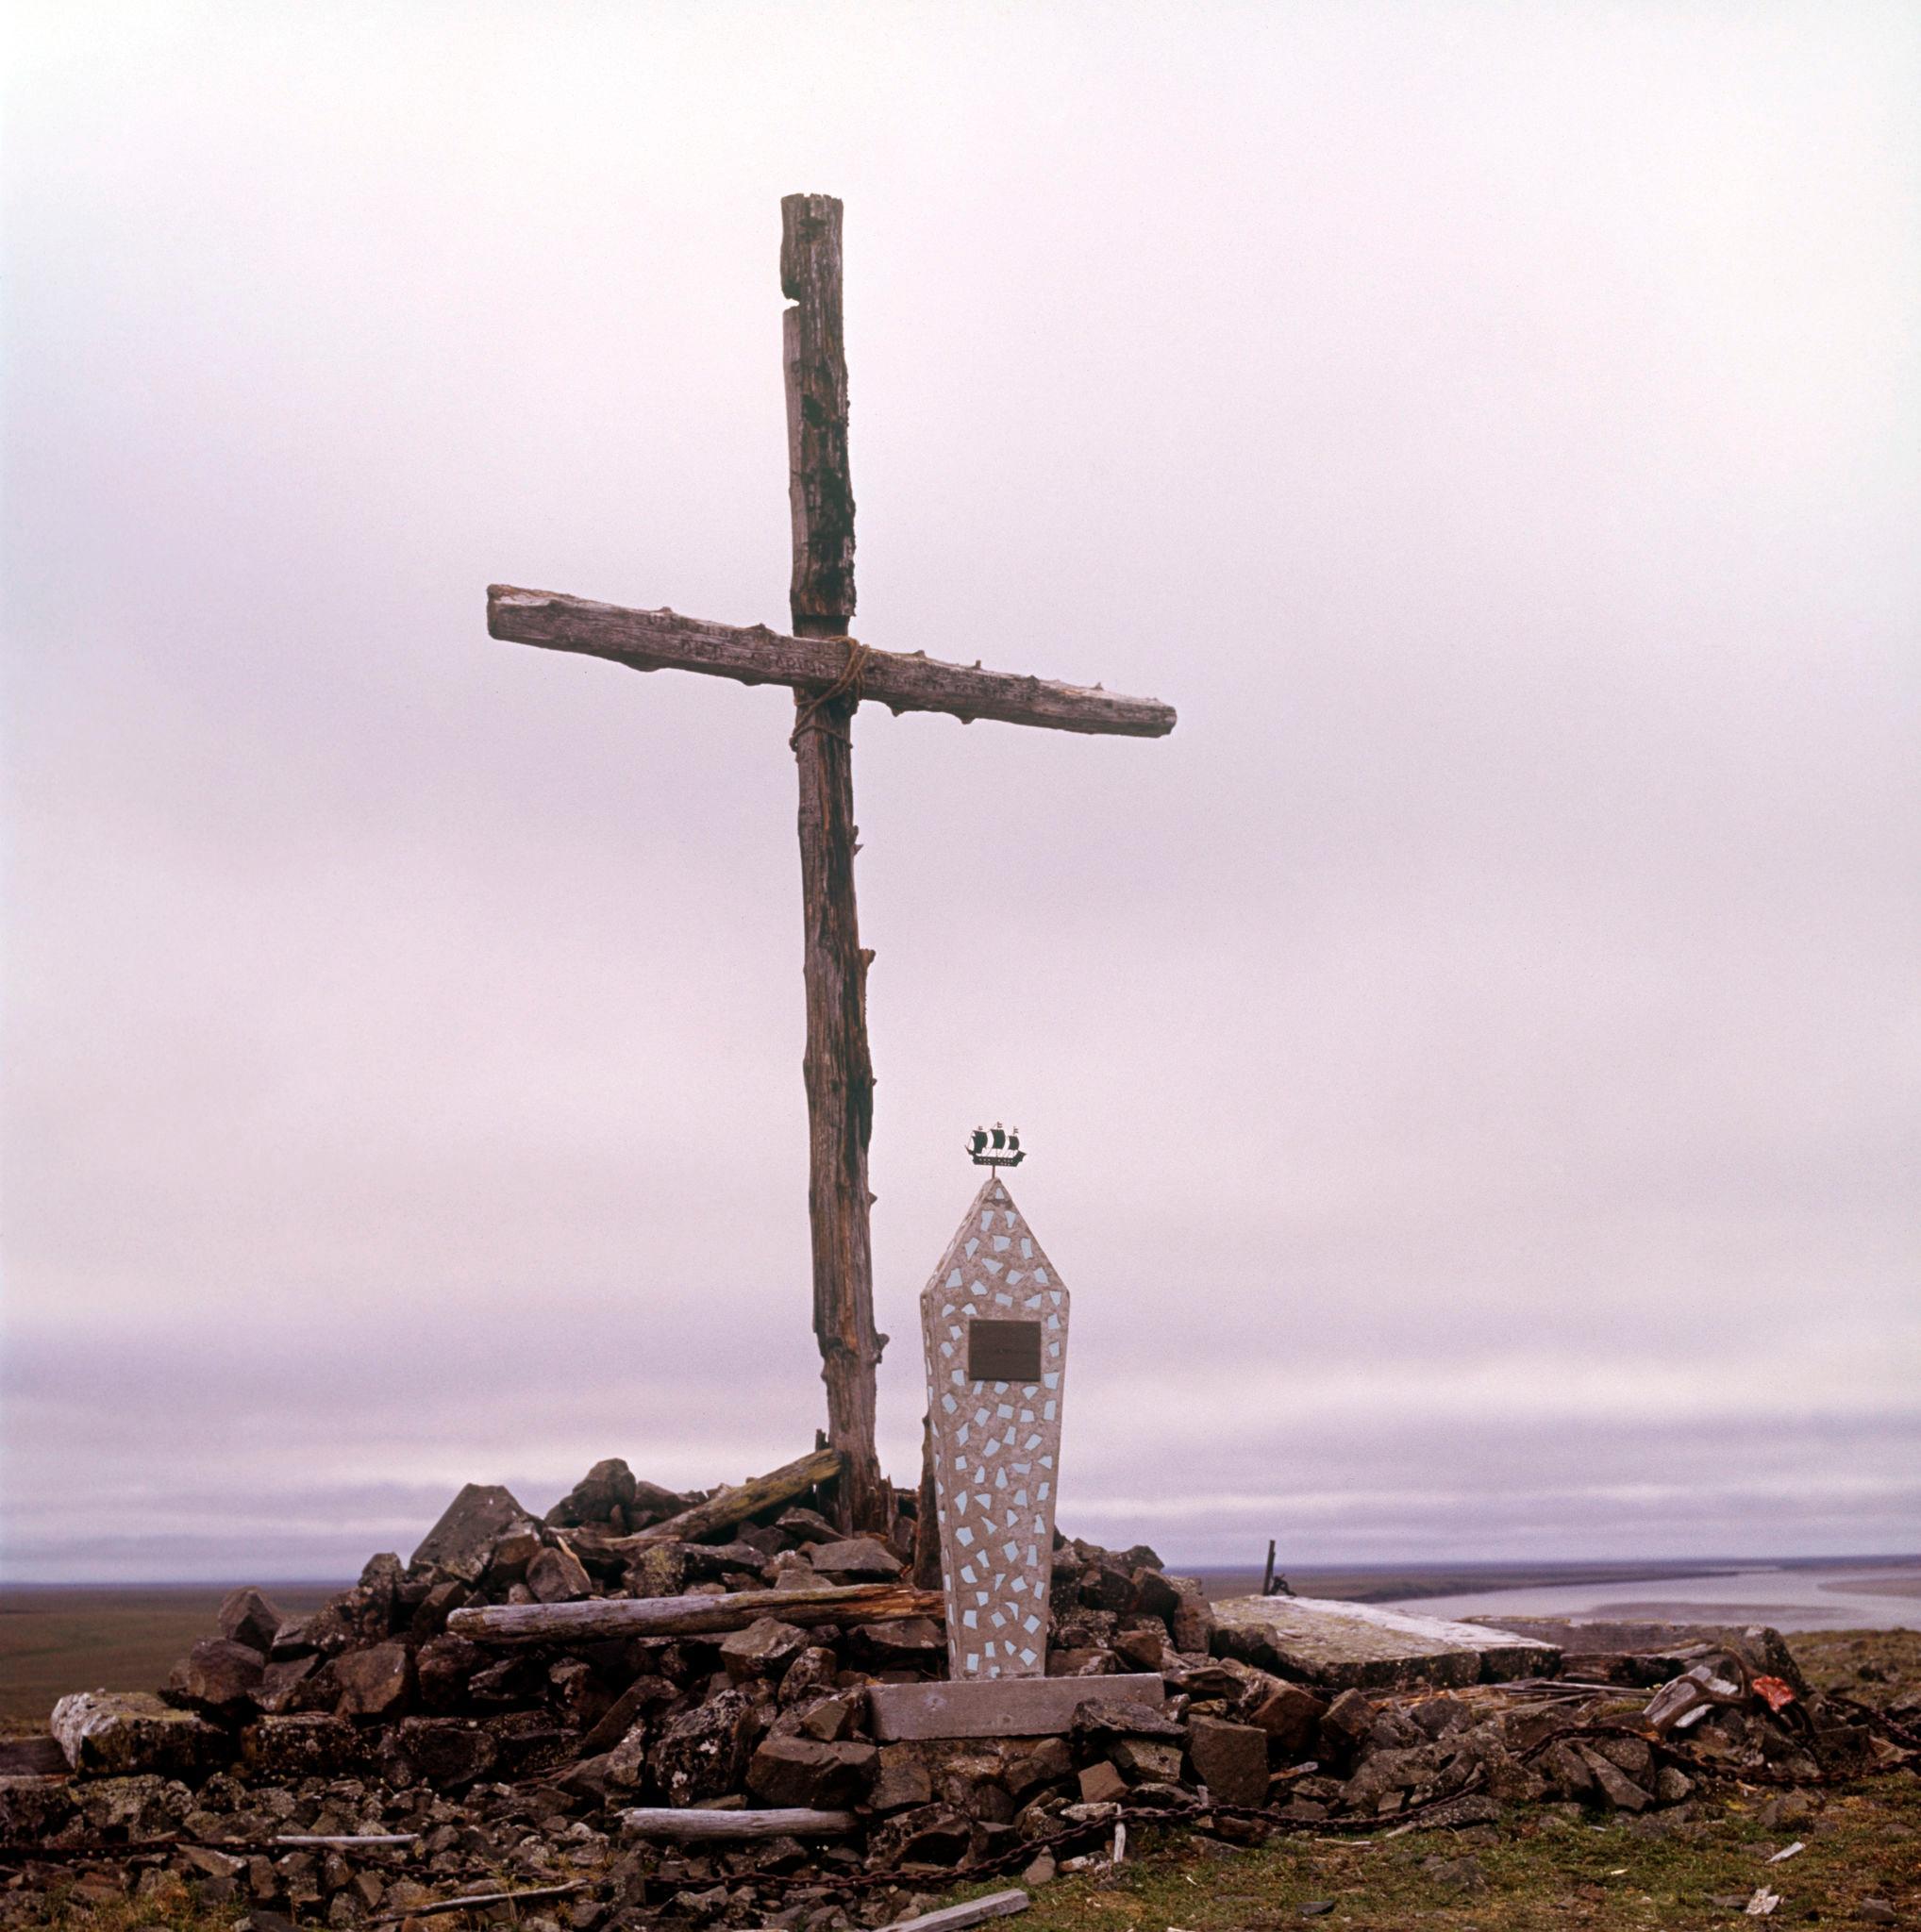 1970-е. Памятник на месте гибели экспедиции американского путешественника Де-Лонга в устье реки Лены (2)